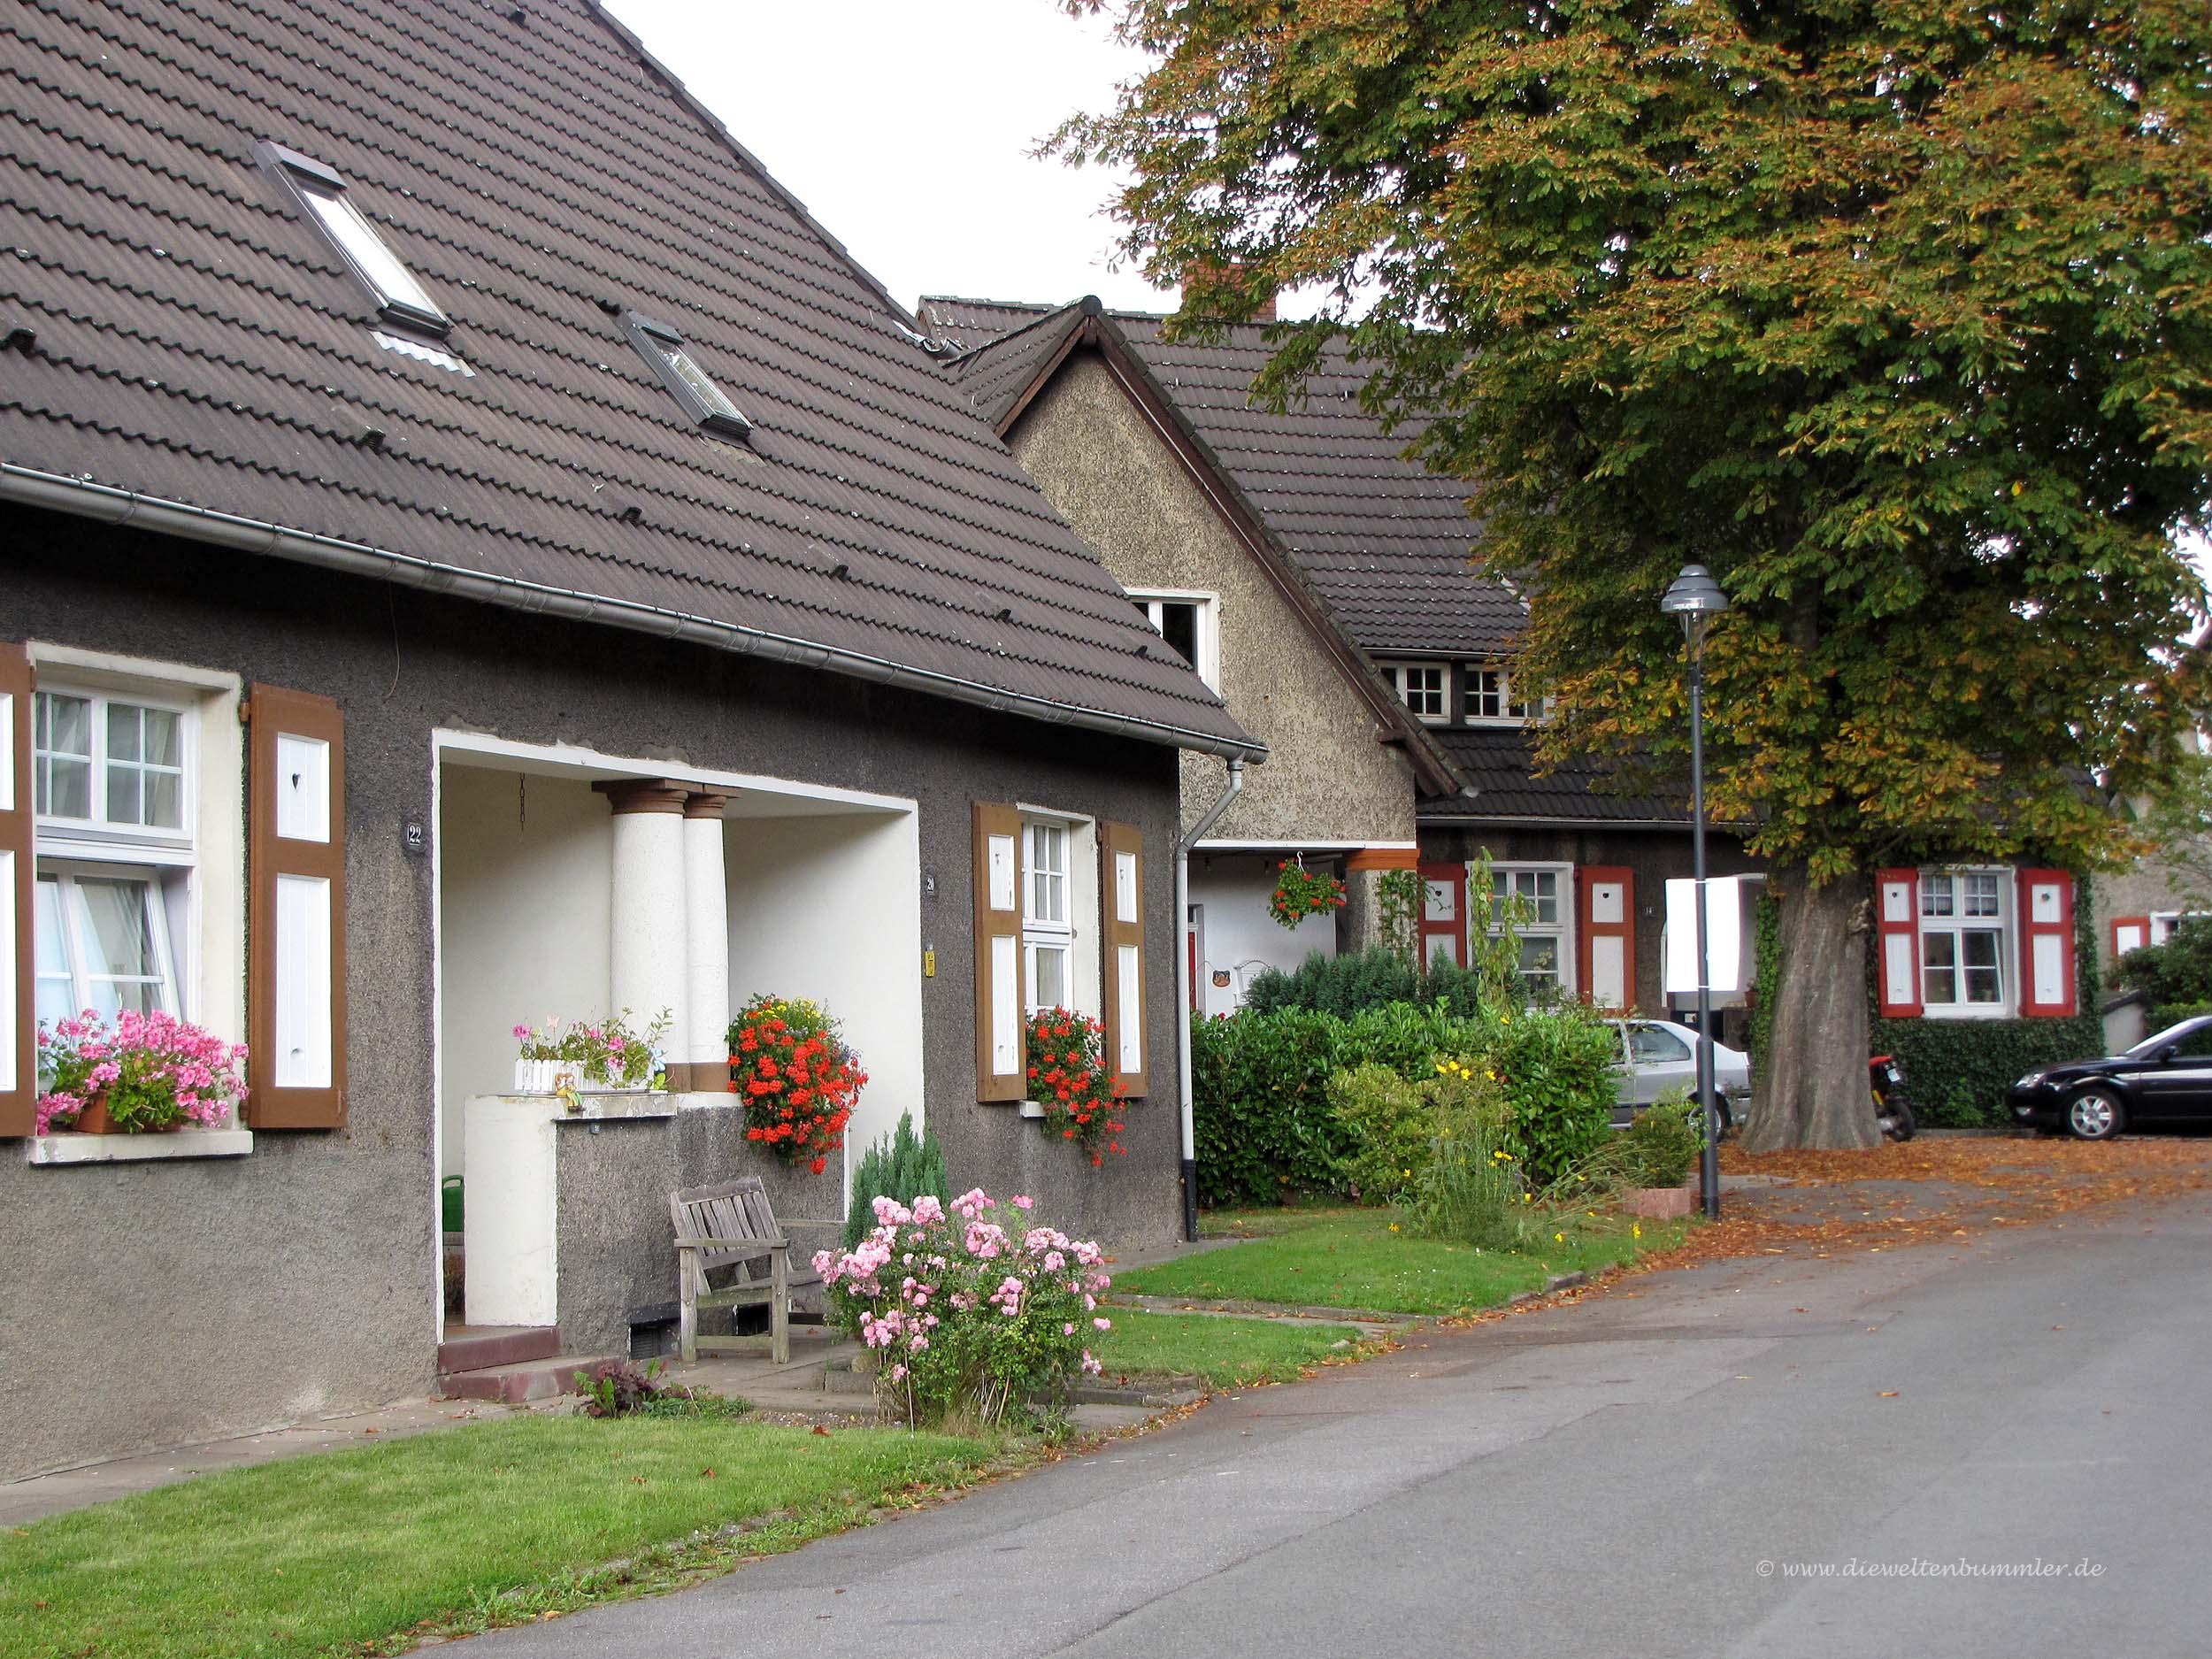 Gemütliche Wohnsiedlung in Essen